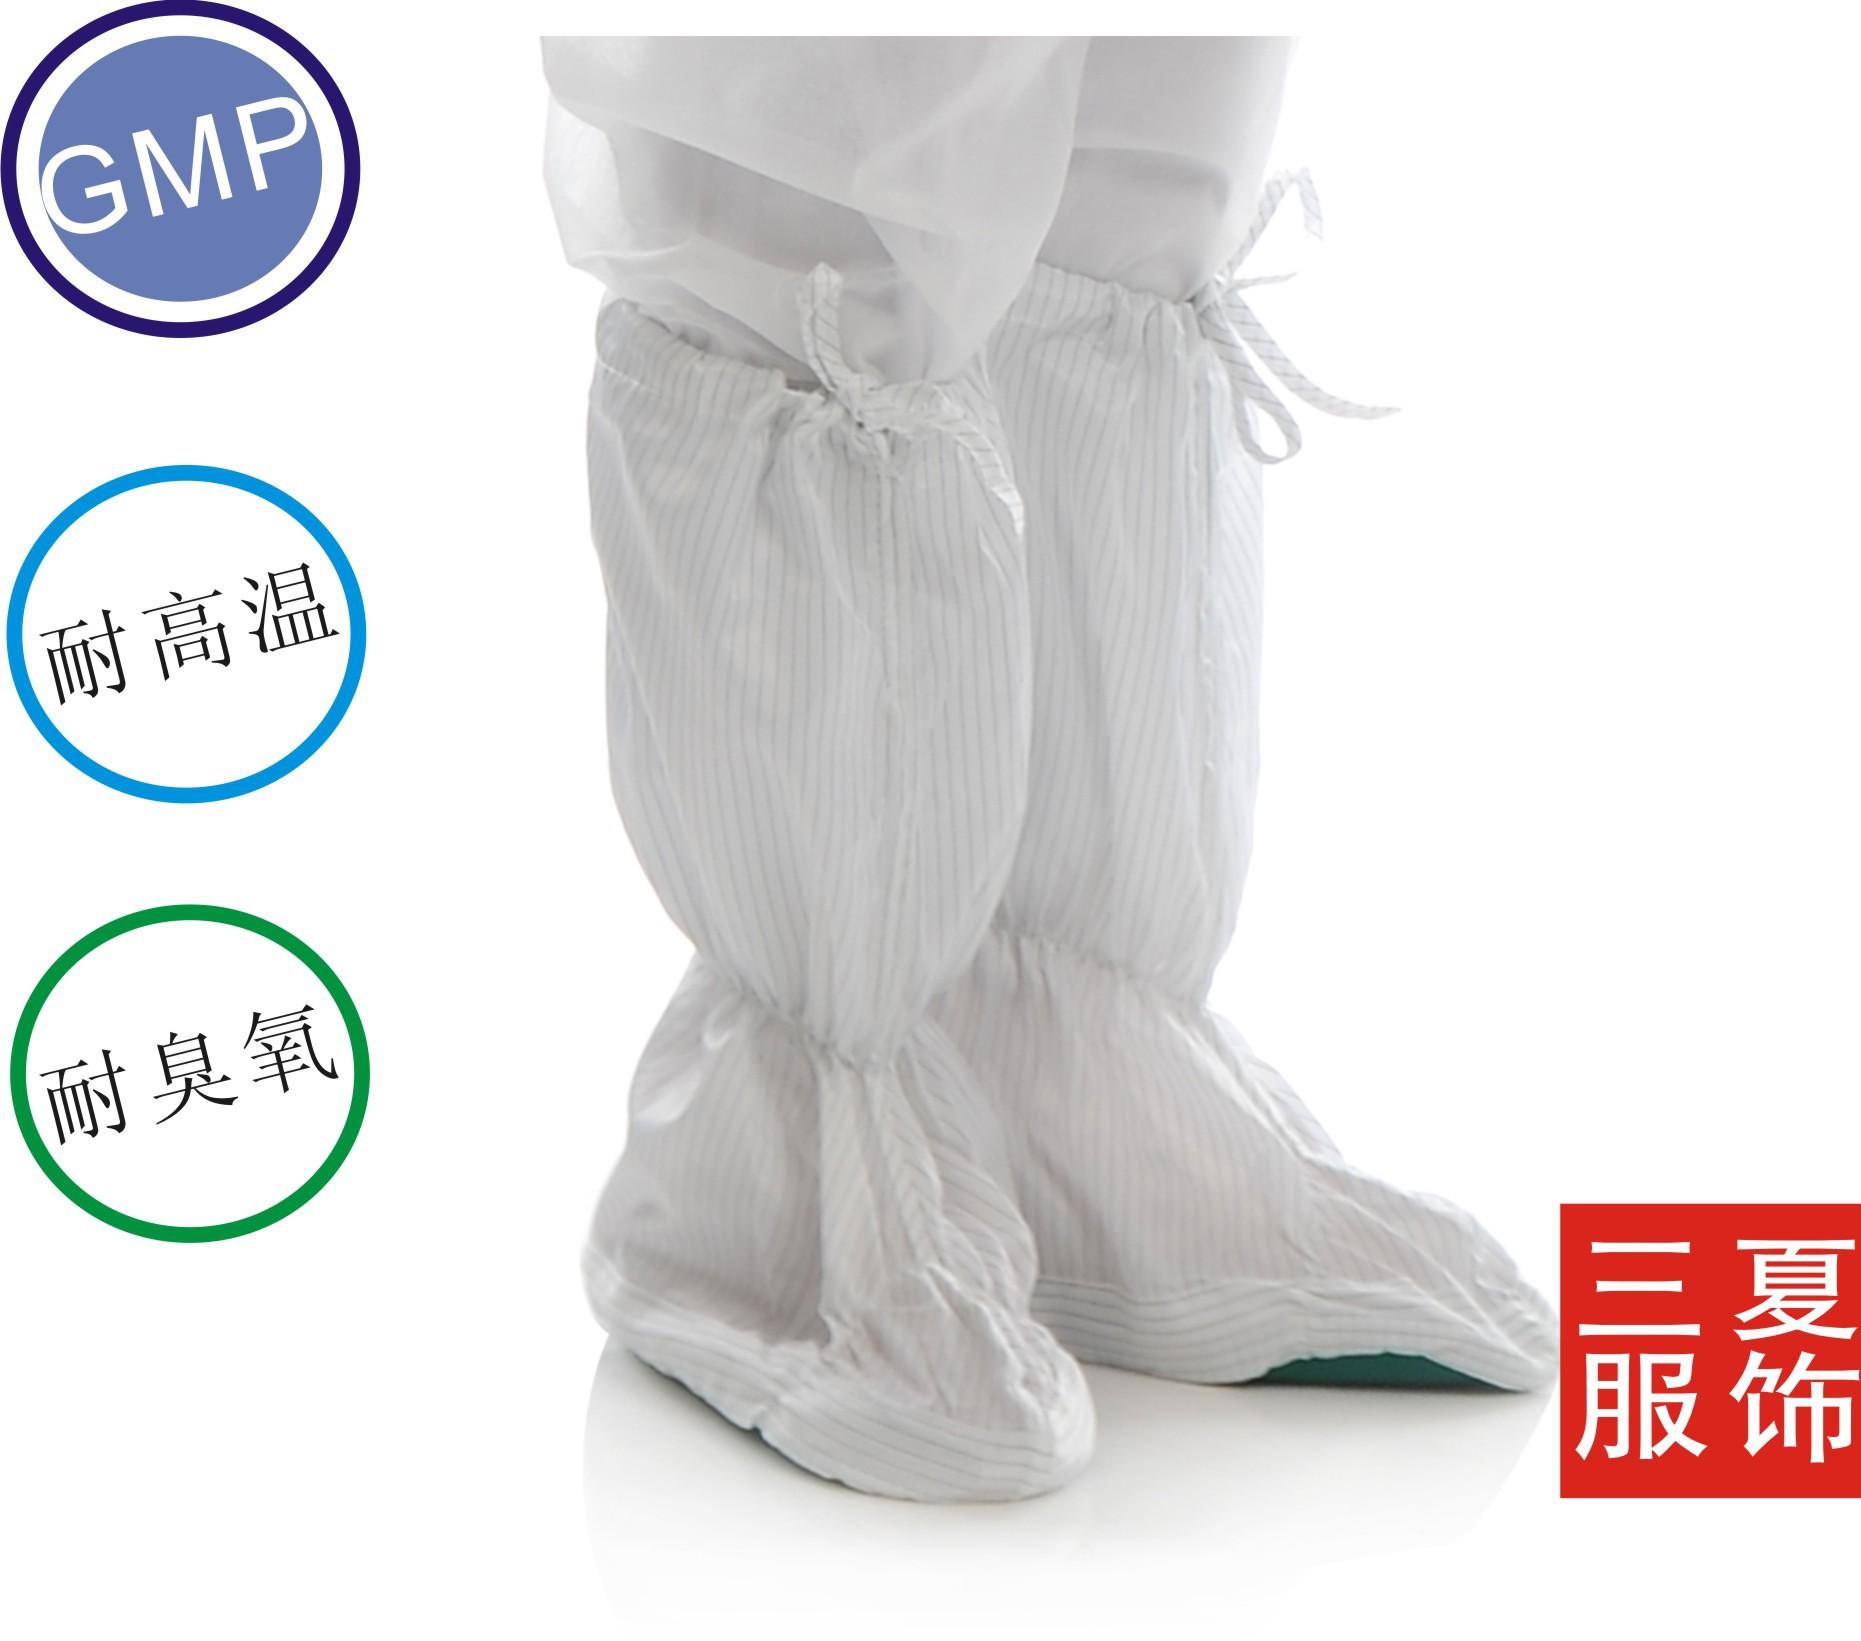 专业厂家 批量销售 防静电软底长筒鞋无菌耐高温耐臭氧长筒鞋